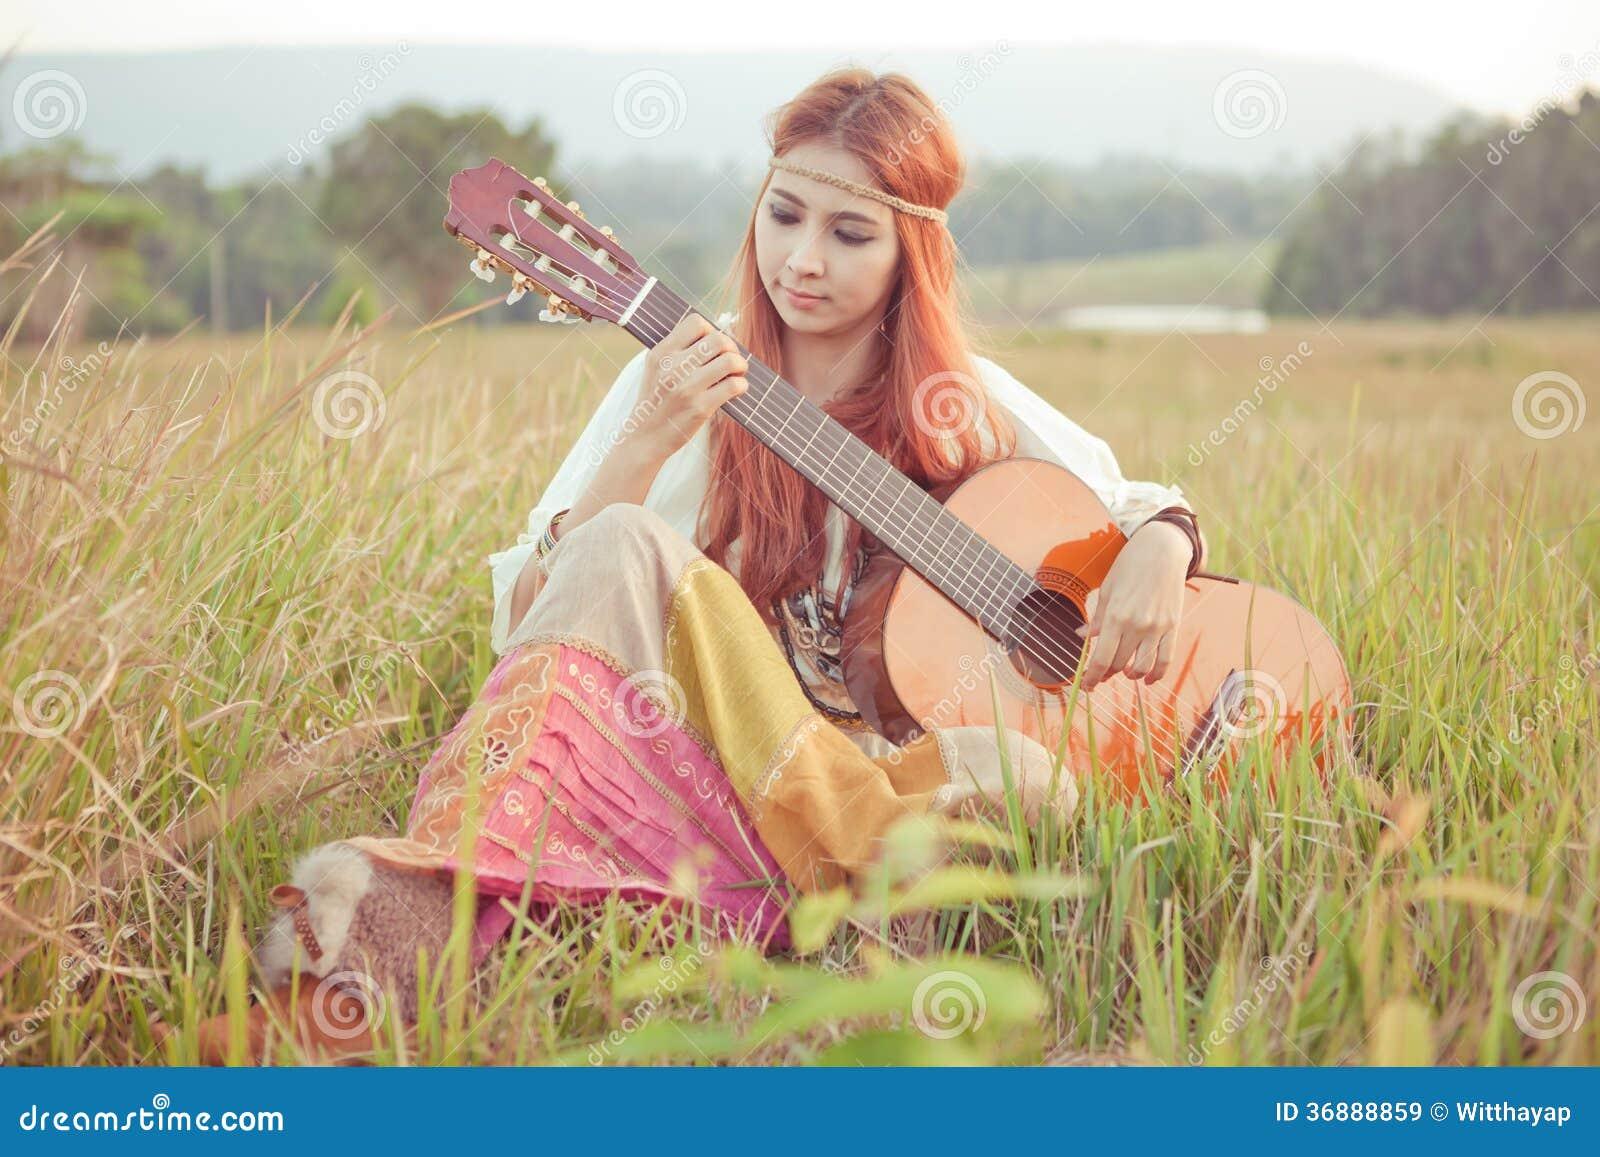 Download Ragazza Di Hippy Che Gioca Chitarra Su Erba Immagine Stock - Immagine di femmina, bellezza: 36888859